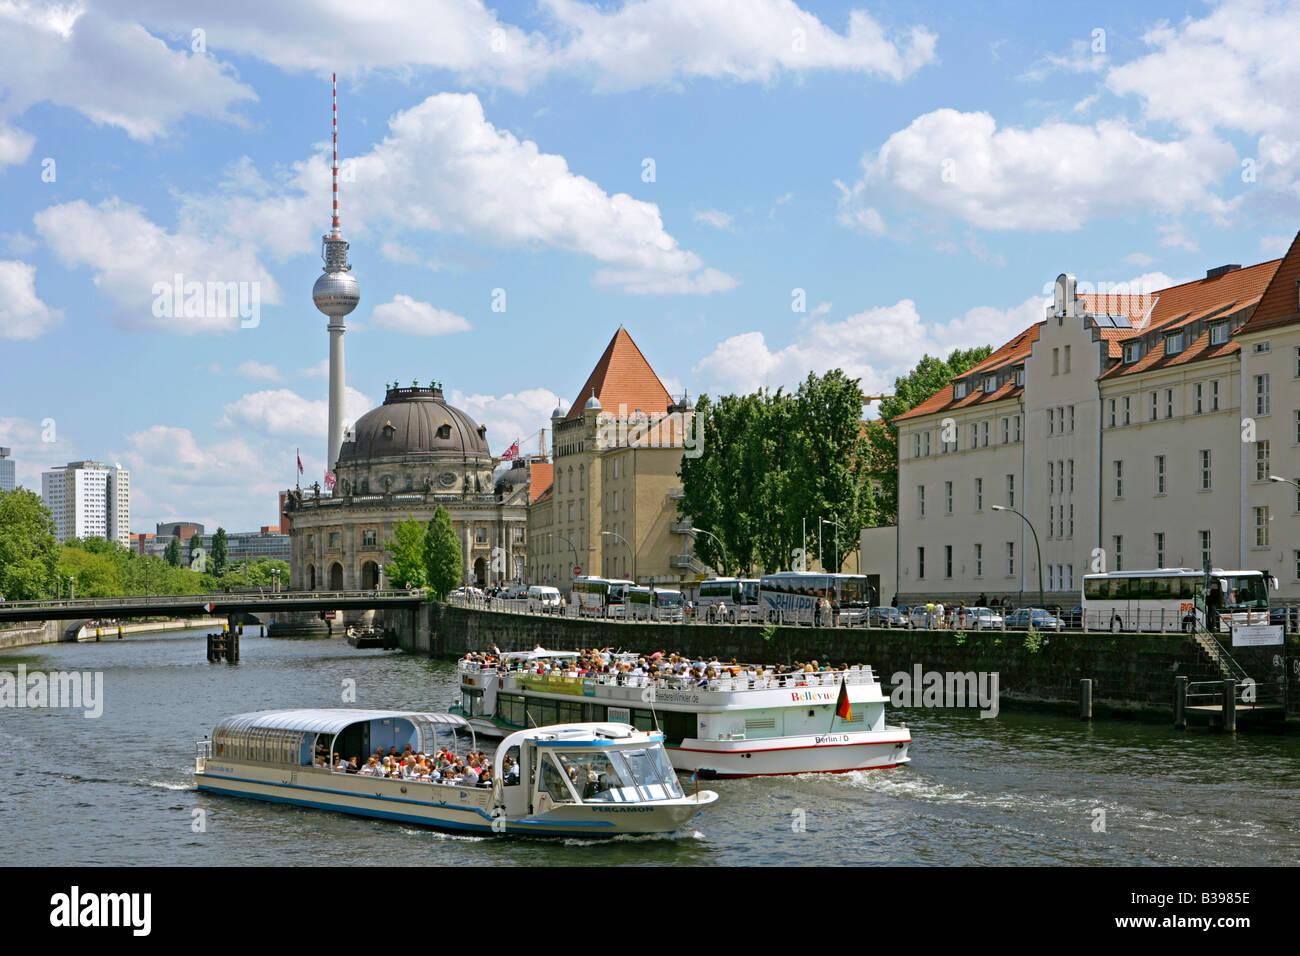 Deutschland, Berlin, Ausflugsboote auf der Spree, Germany trip boats on the river Spree Stock Photo